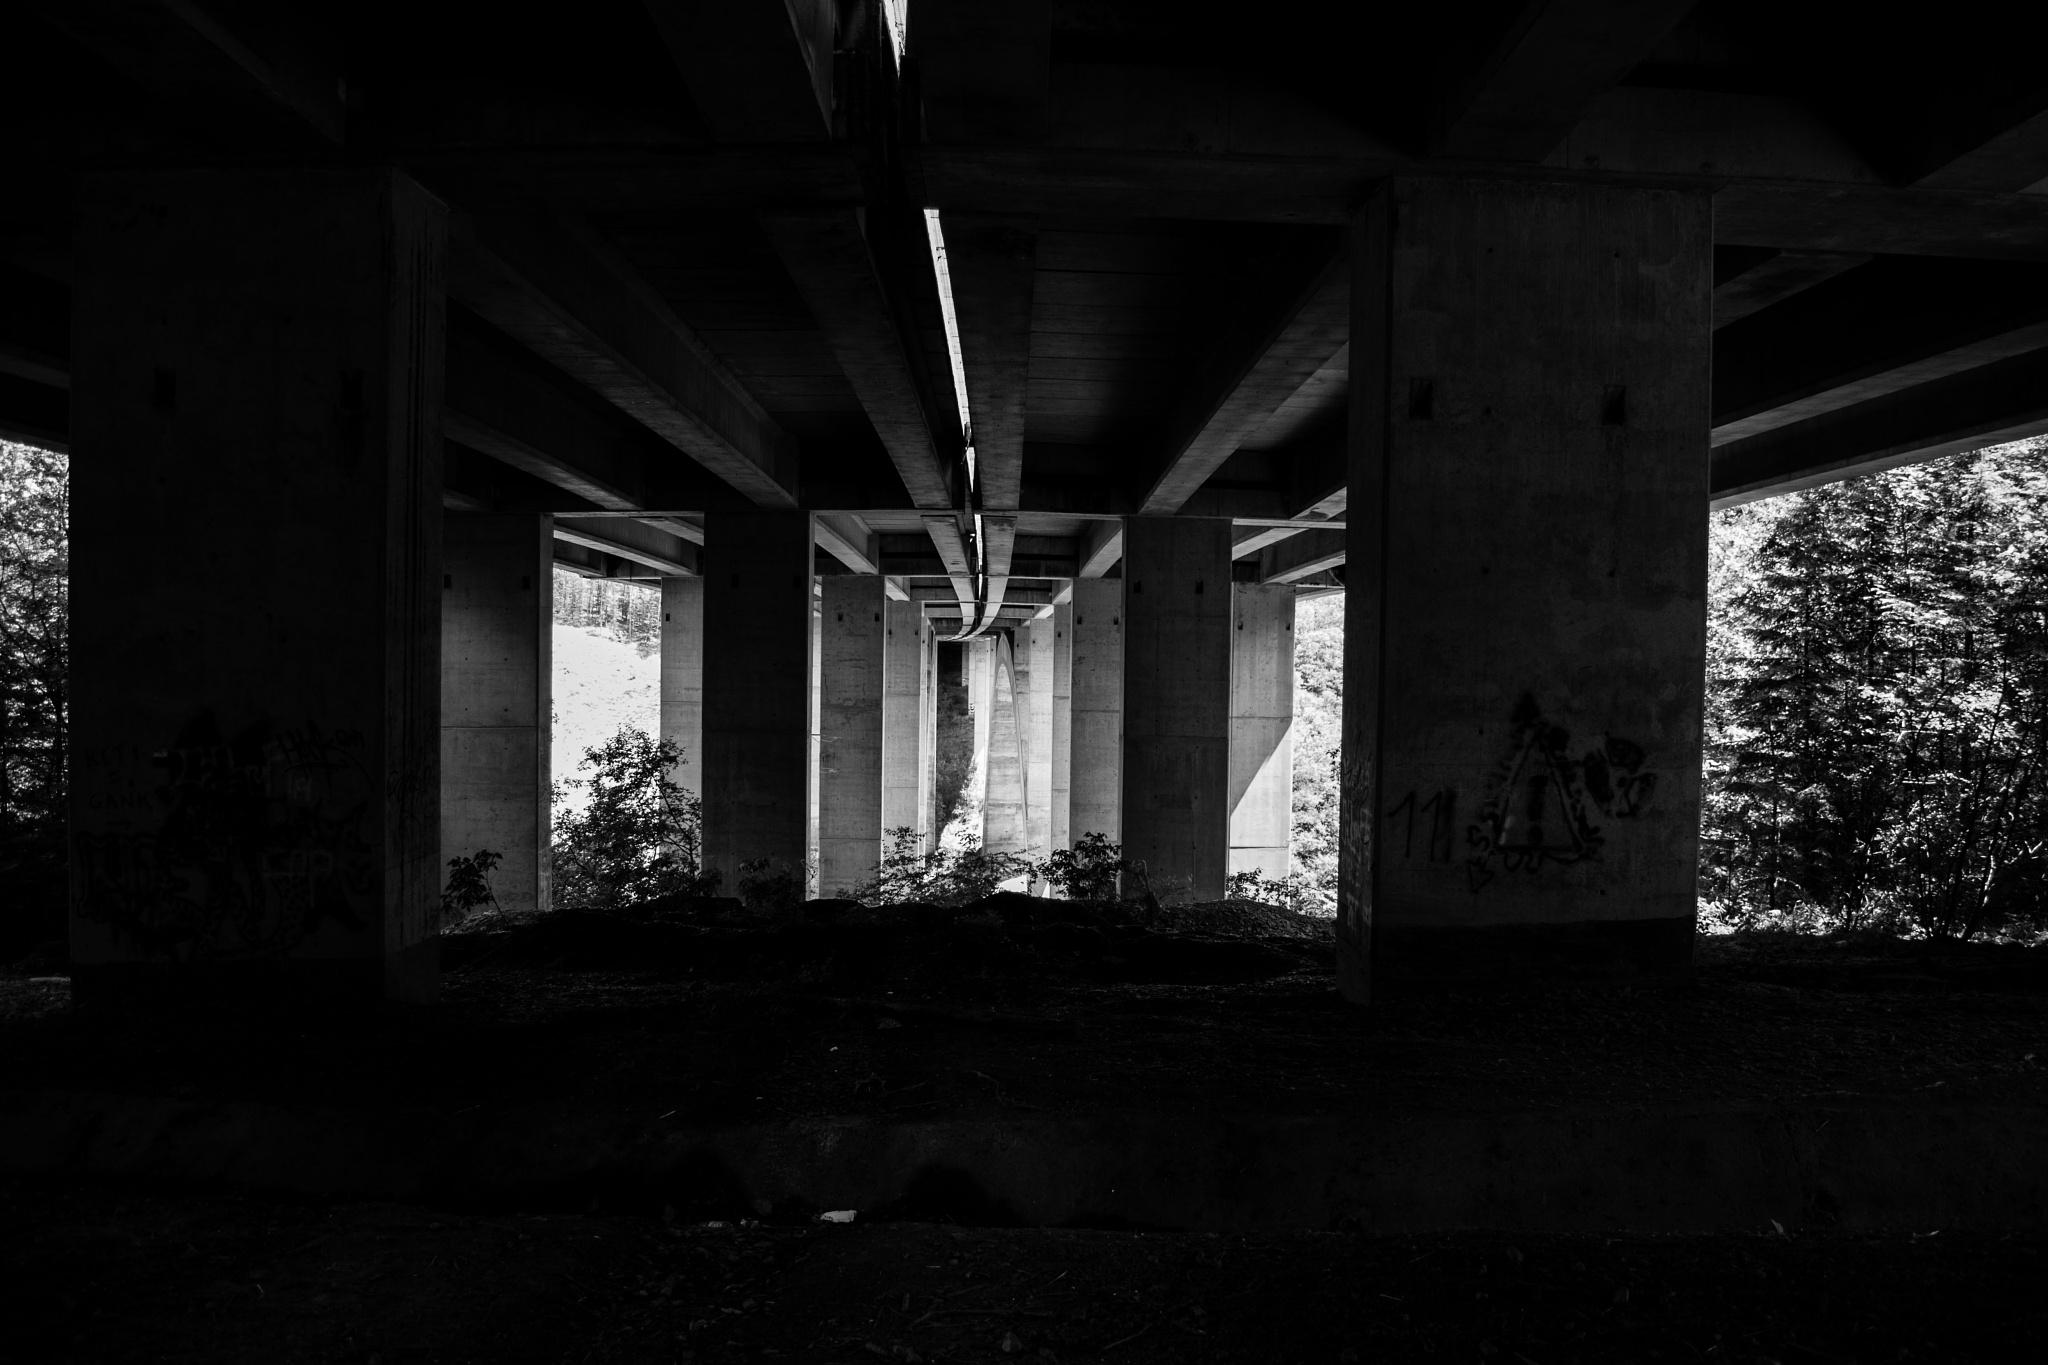 Under the bridges by Jeff Junker